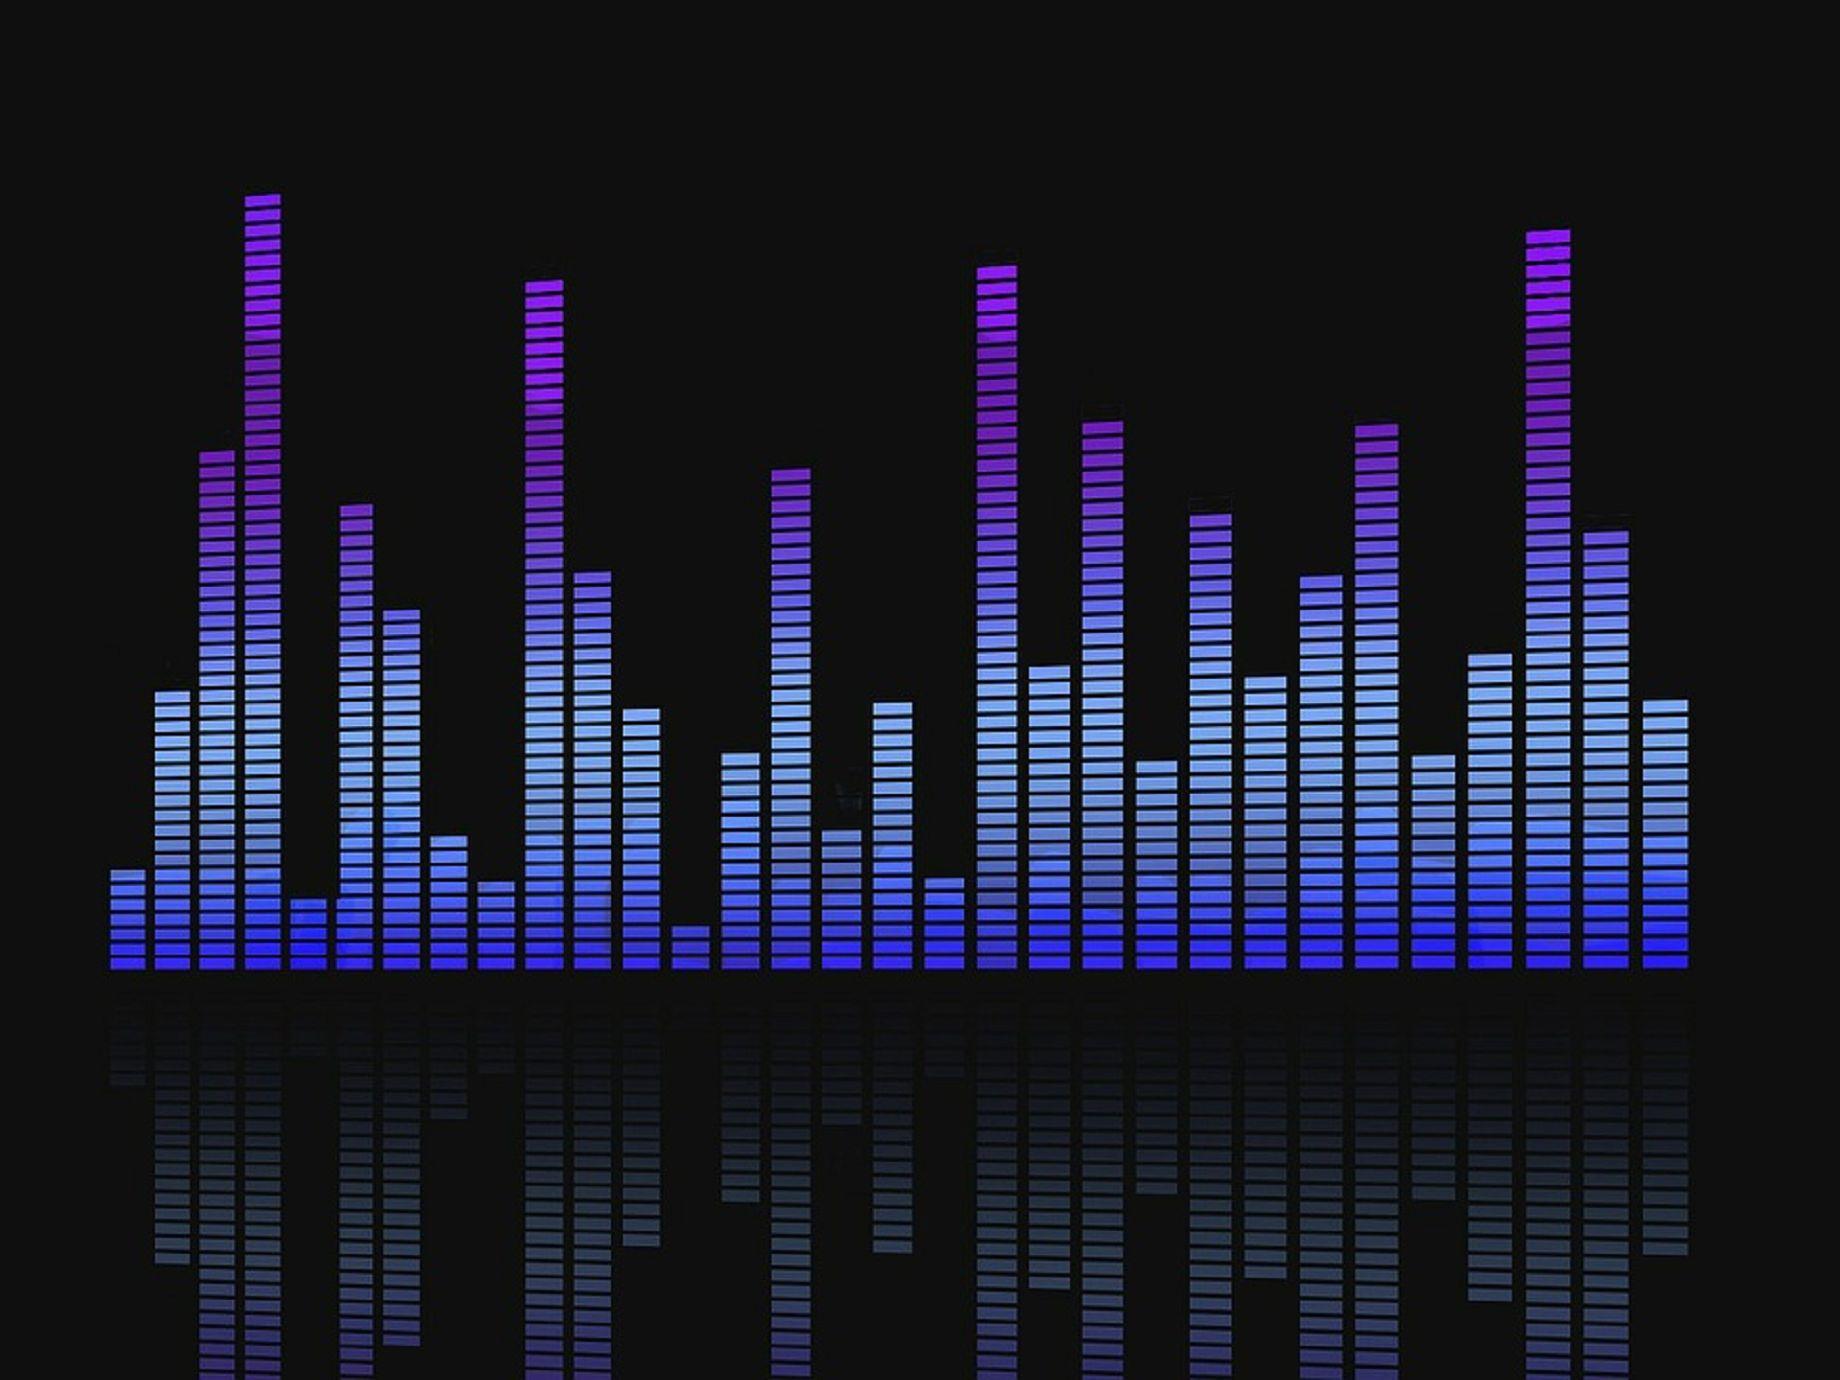 音樂產業再進化,Spotify用區塊鏈技術突破版權歸屬難關